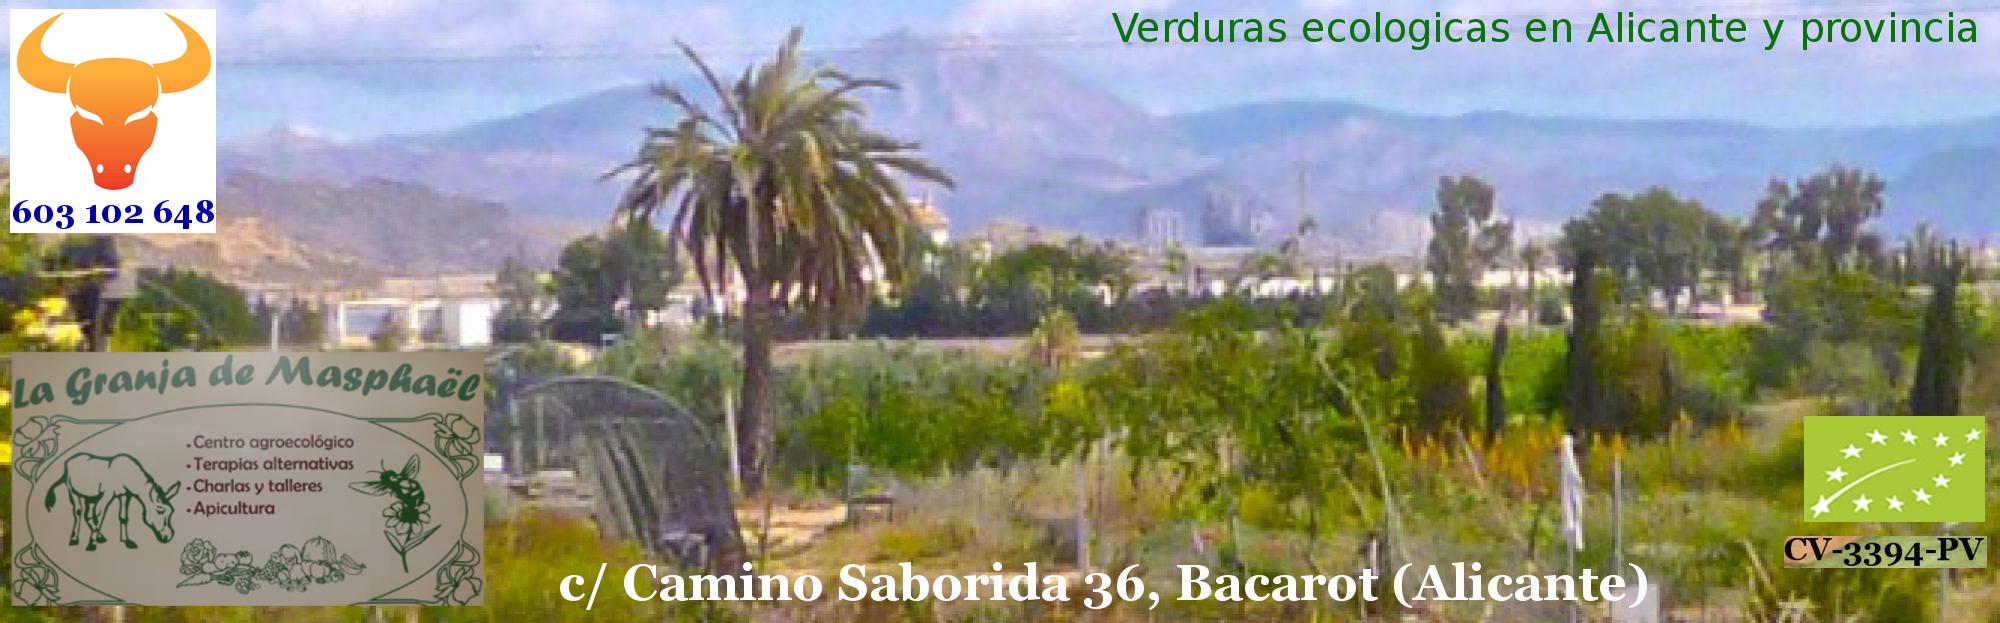 Verduras ecologicas en Alicante. VERDURAX.com